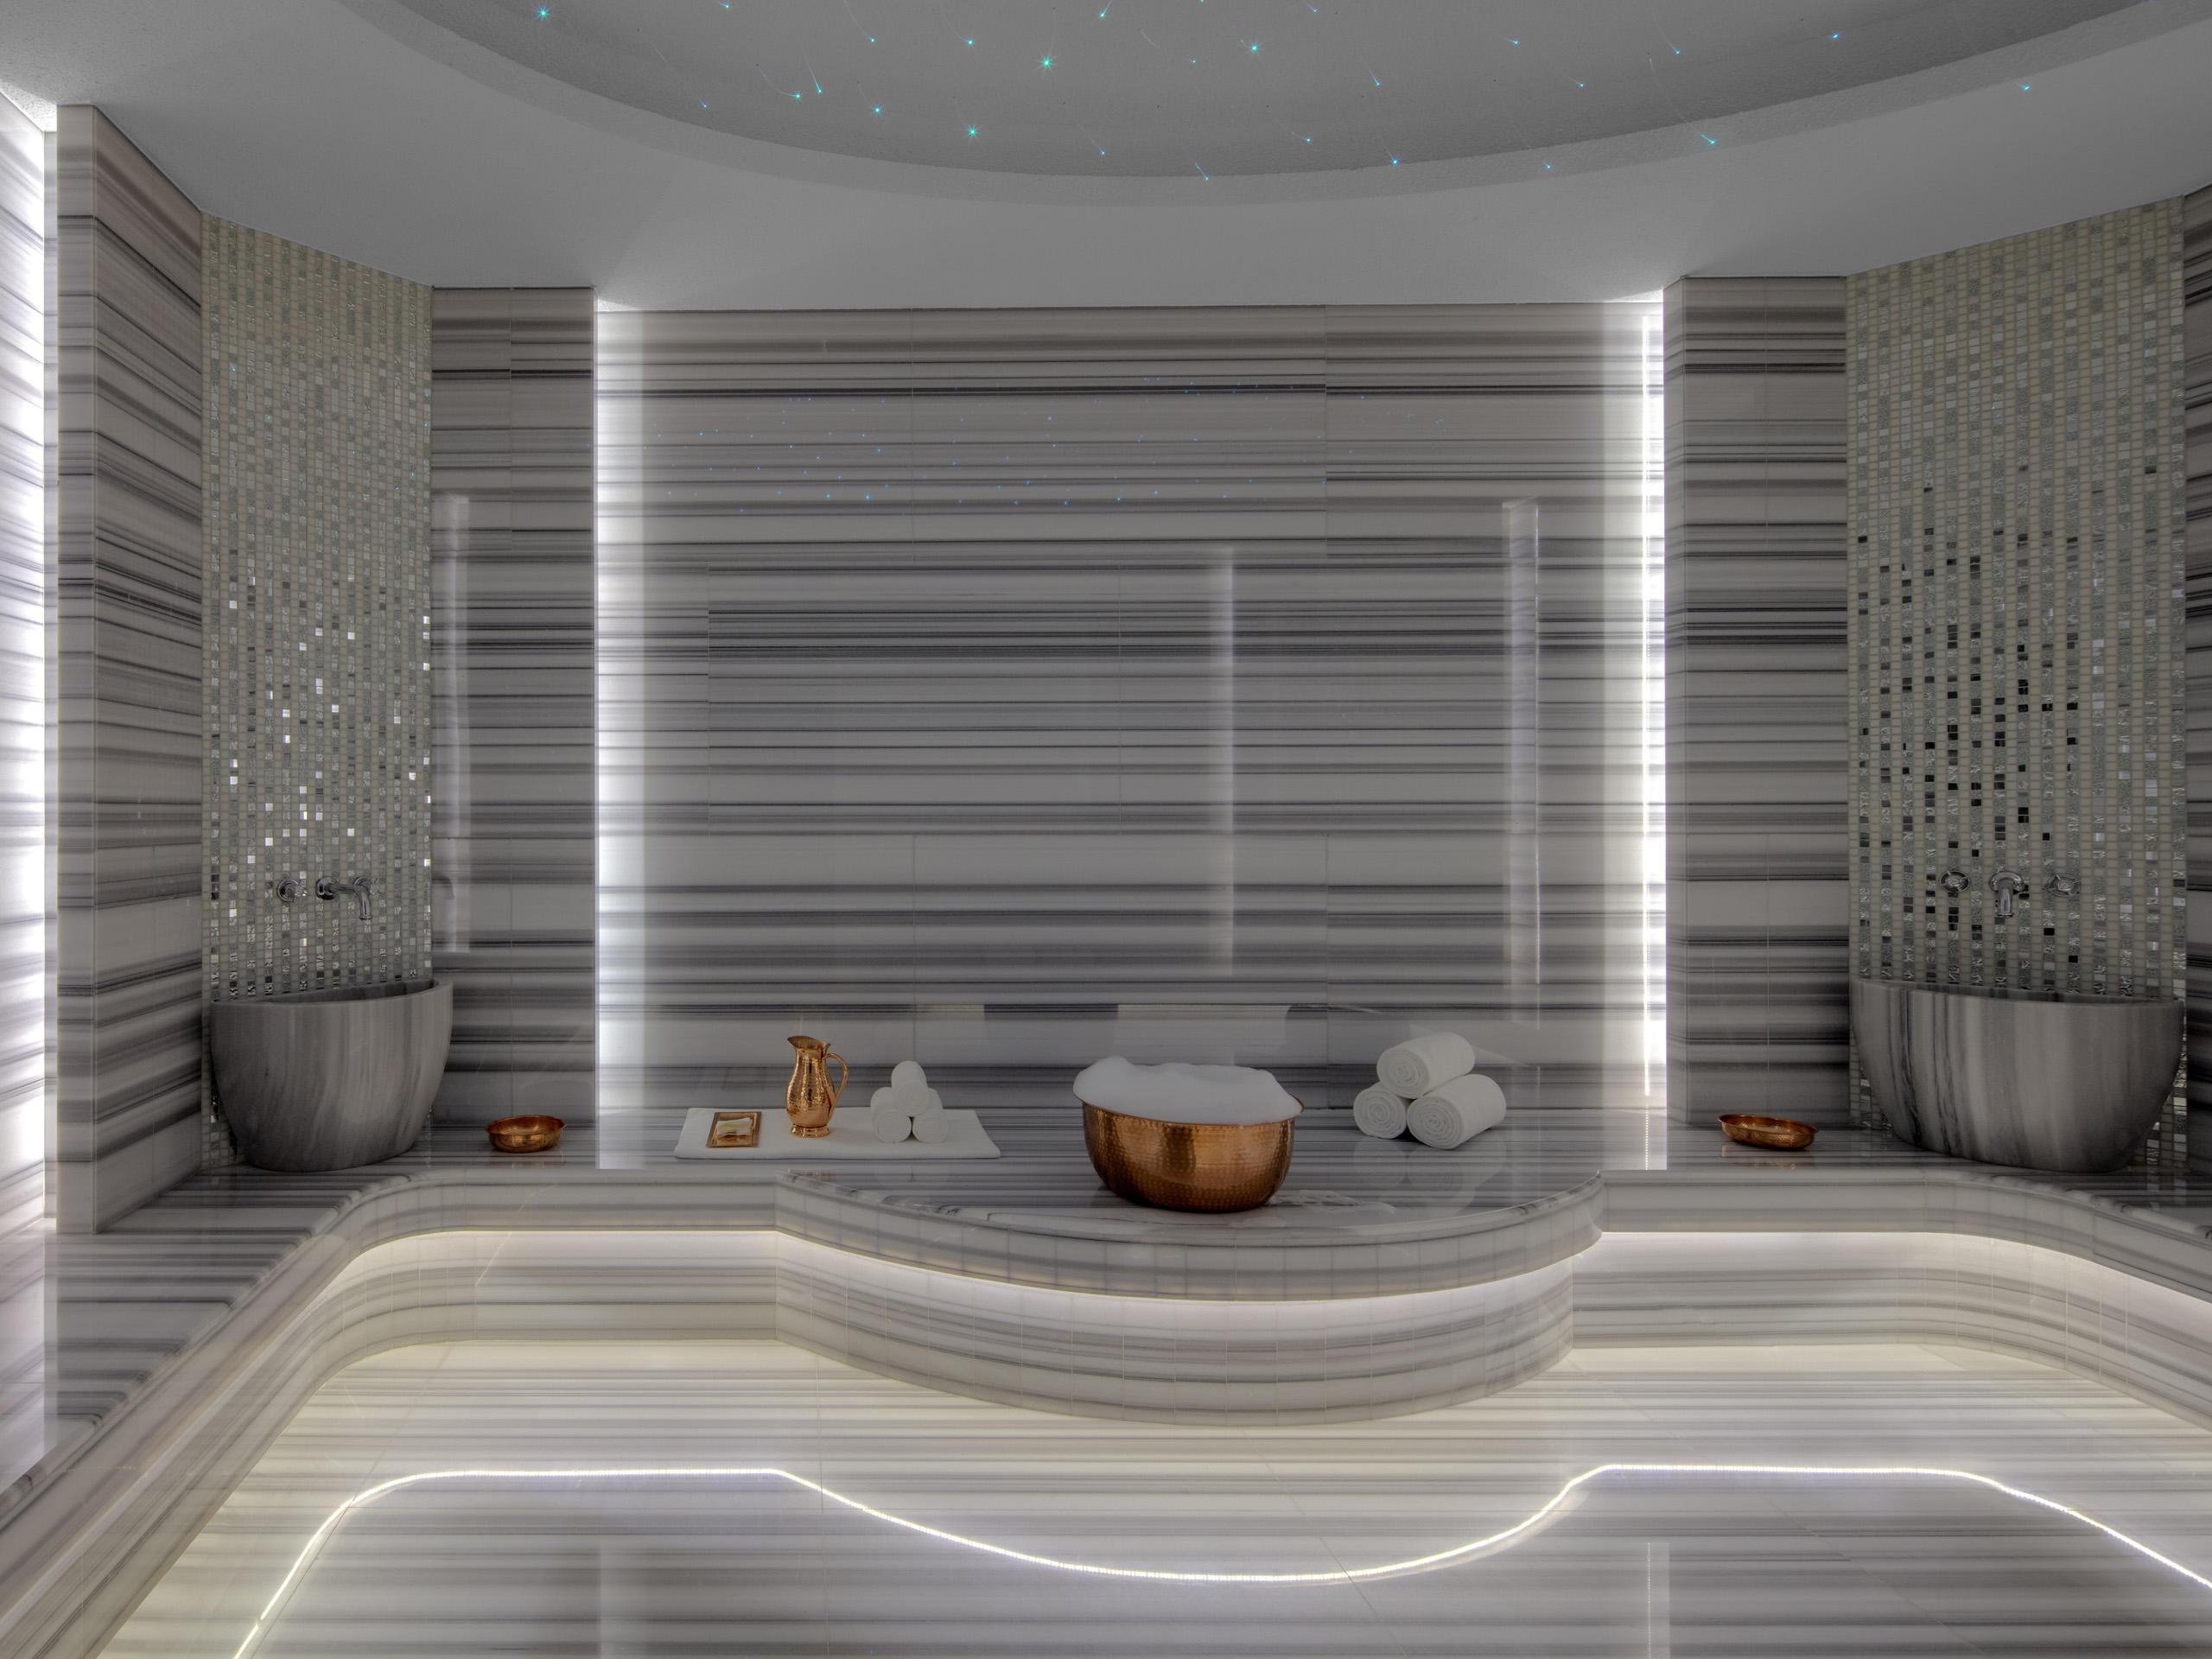 Spa - 澡堂